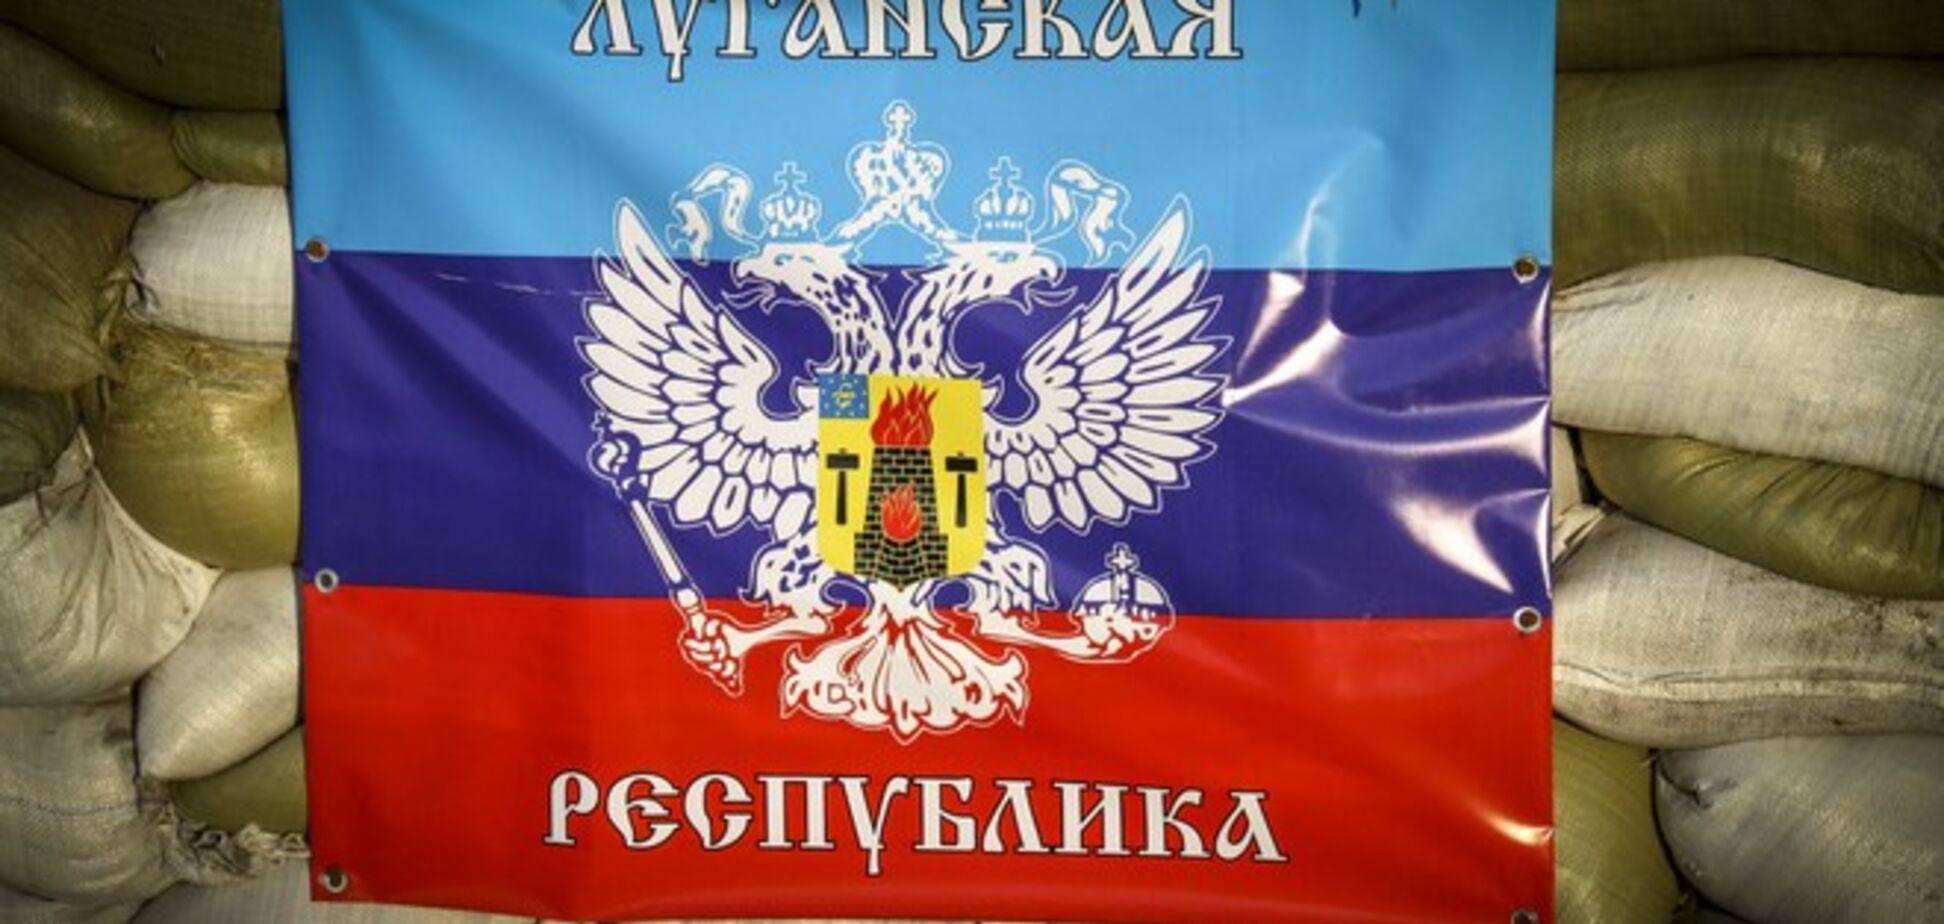 Террористы в Луганске уже пометили элитное жилье надписями 'собственность ЛНР'